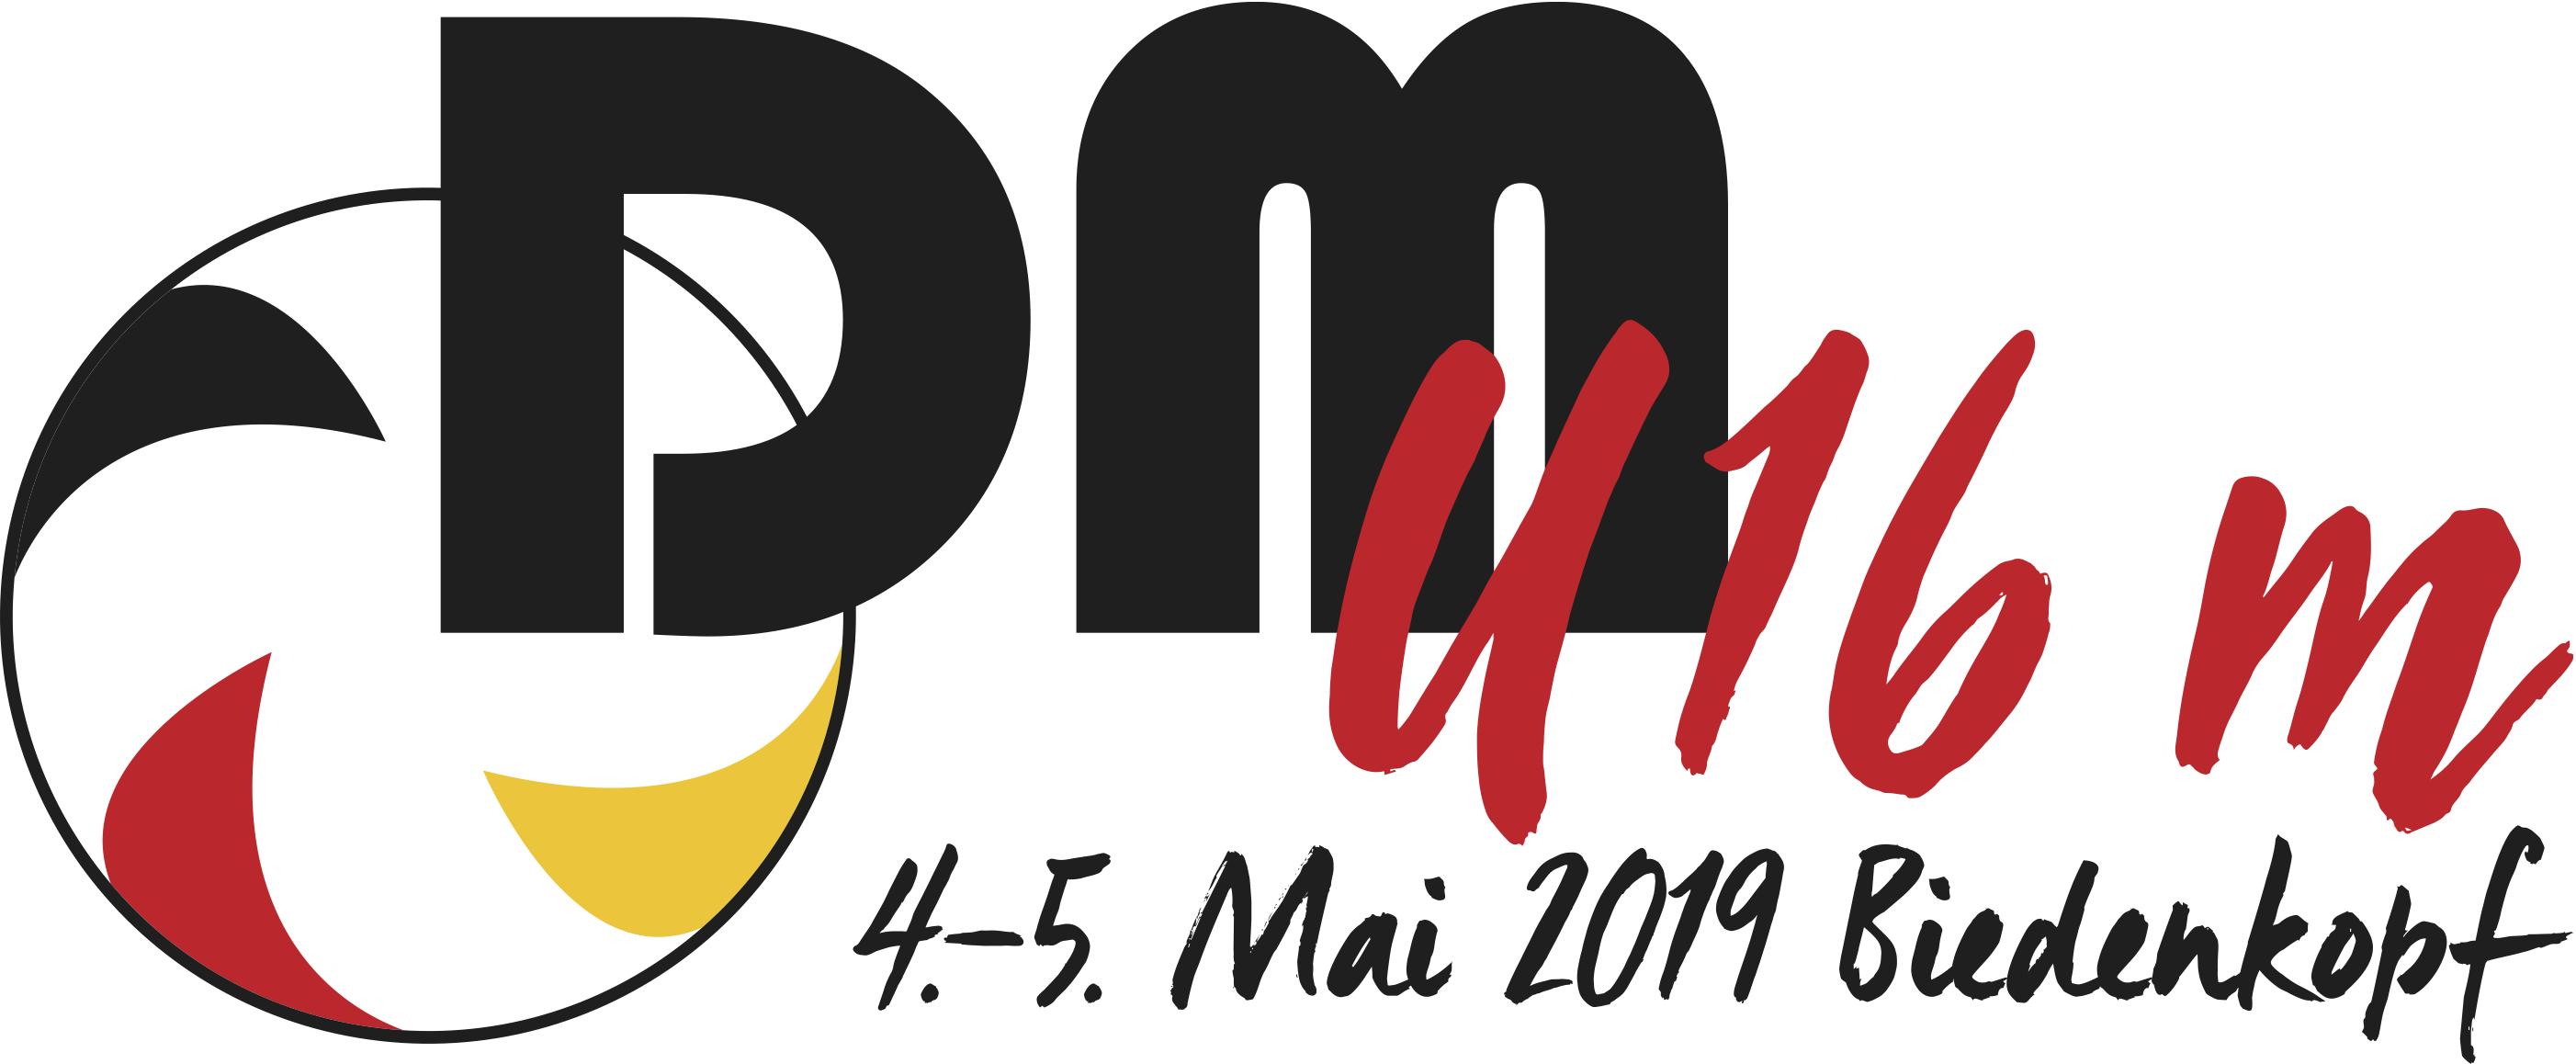 Volleyball | Deutsche Meisterschaften U16 männlich in Biedenkopf 4. bis 5. Mai 2019